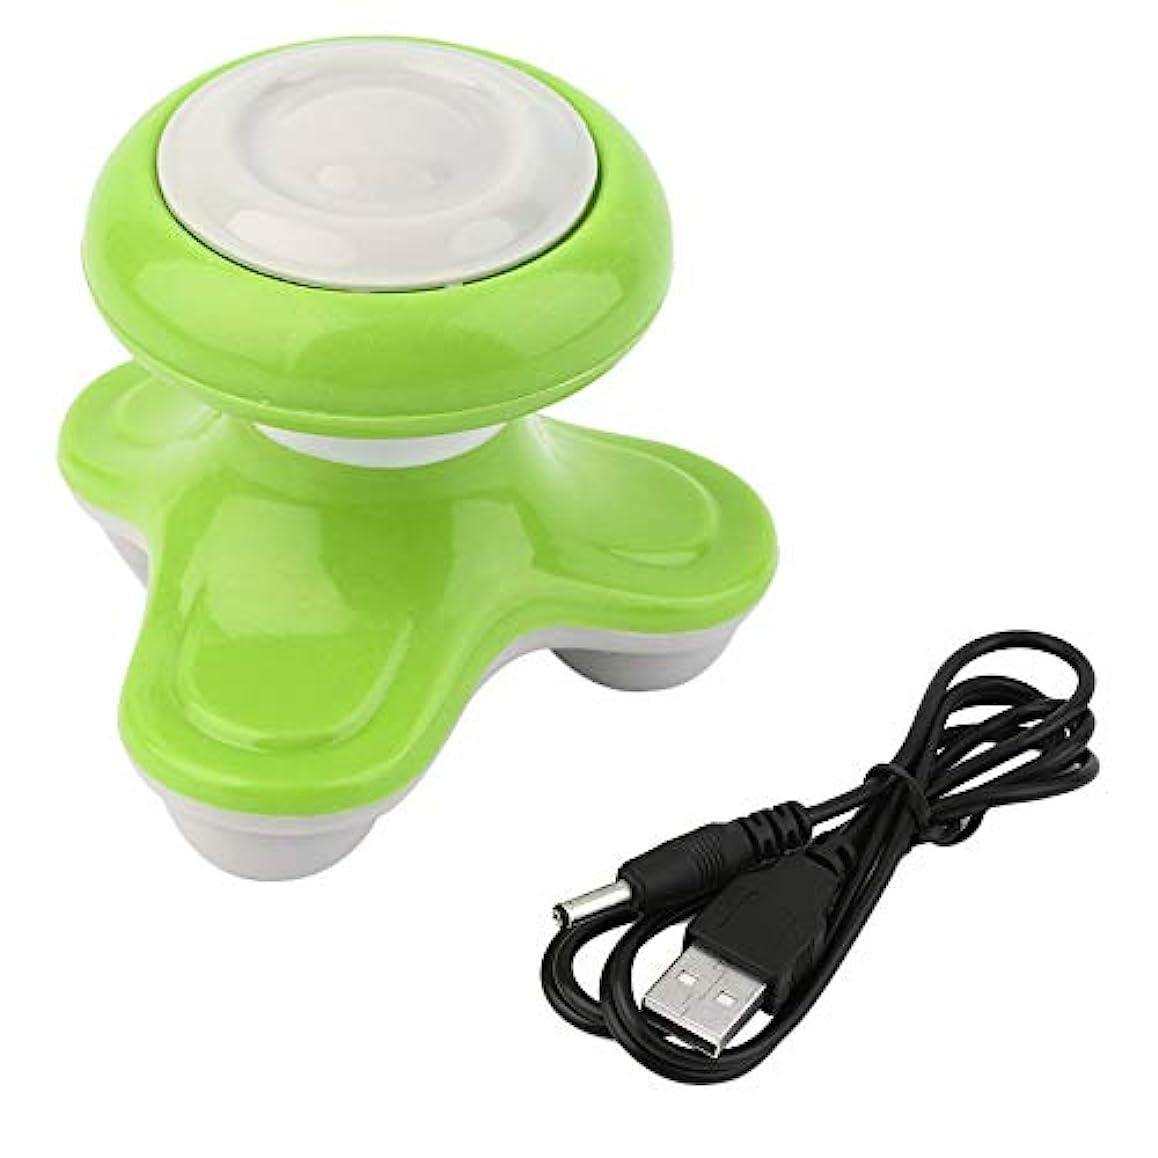 怒り十二ルーフミニ電動ハンドル波振動マッサージ器USBバッテリーフルボディマッサージ持ち運びに便利な超小型軽量-グリーン